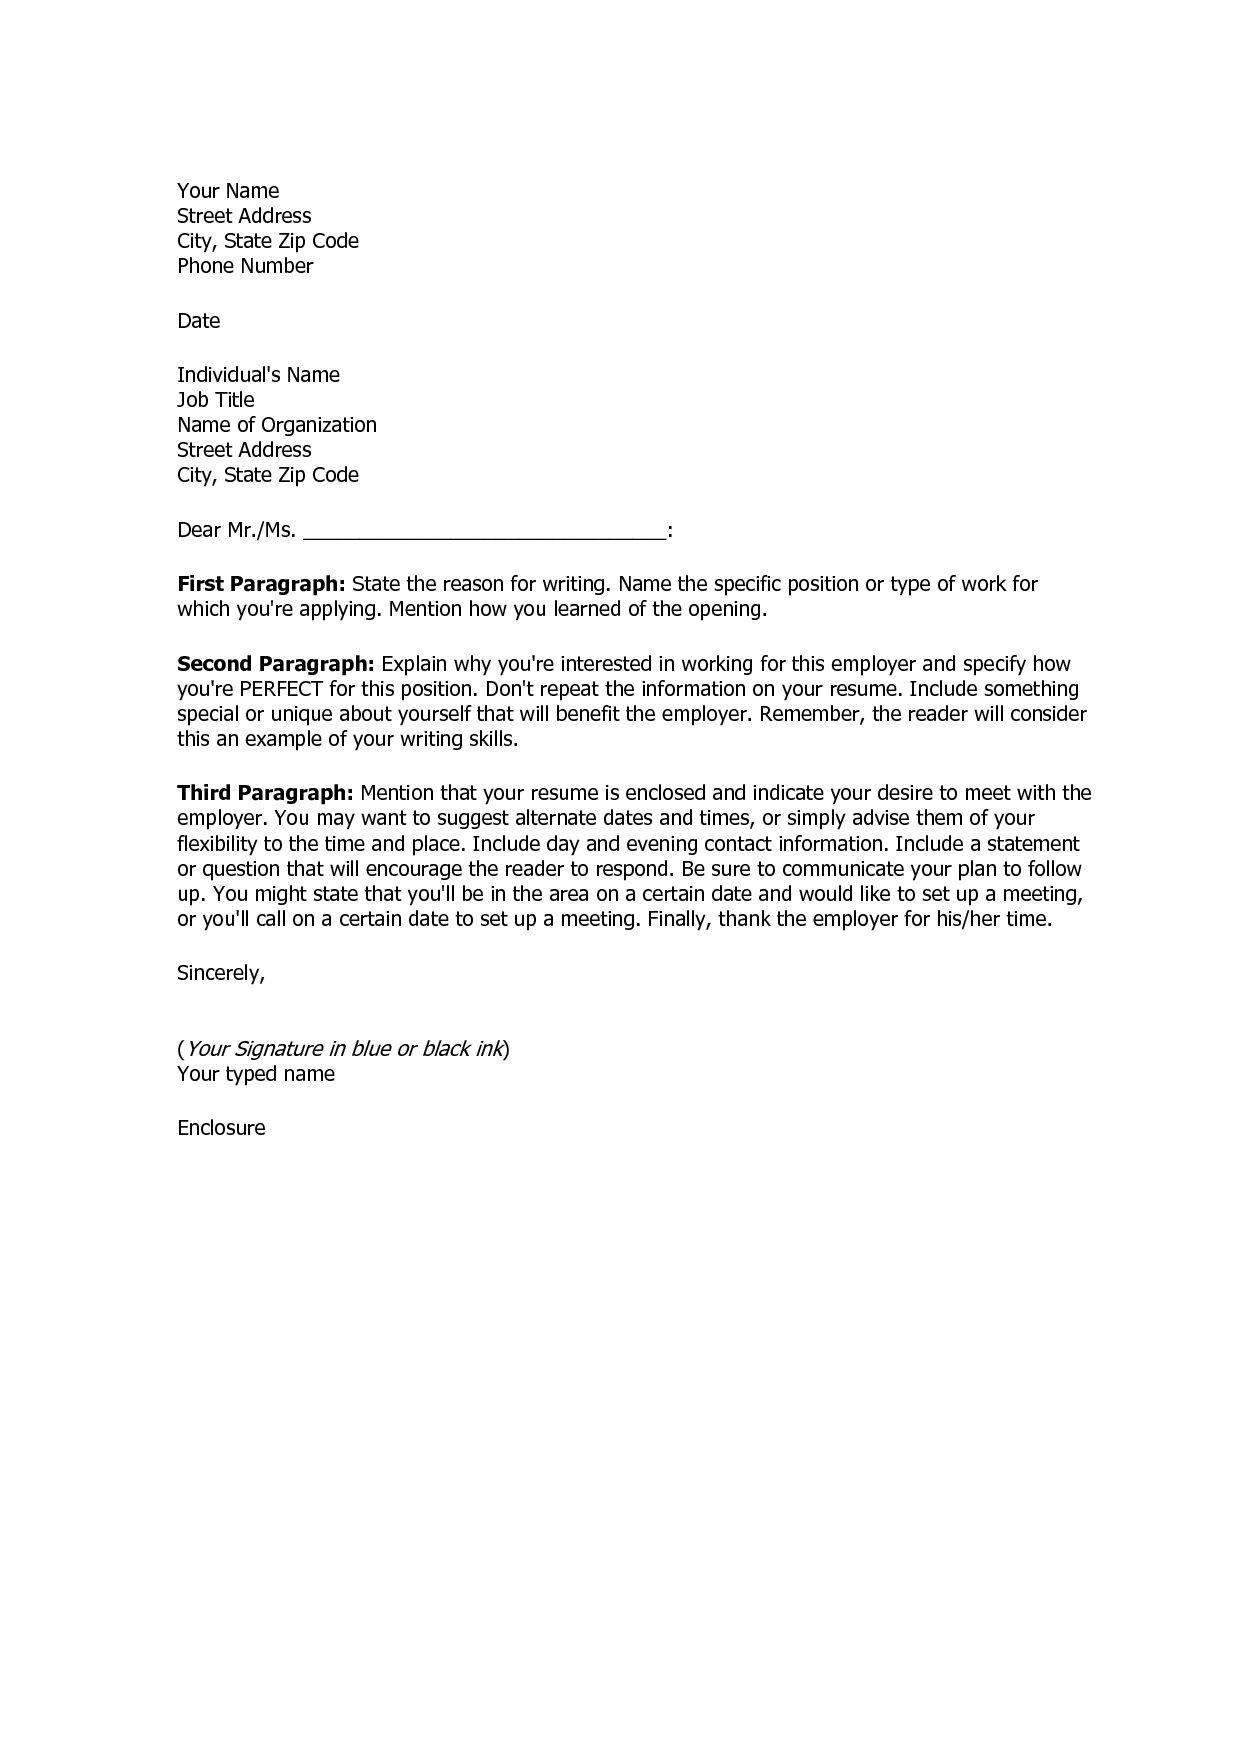 30 Resume Cover Letter Sample In 2020 Job Cover Letter Simple Cover Letter Job Cover Letter Examples